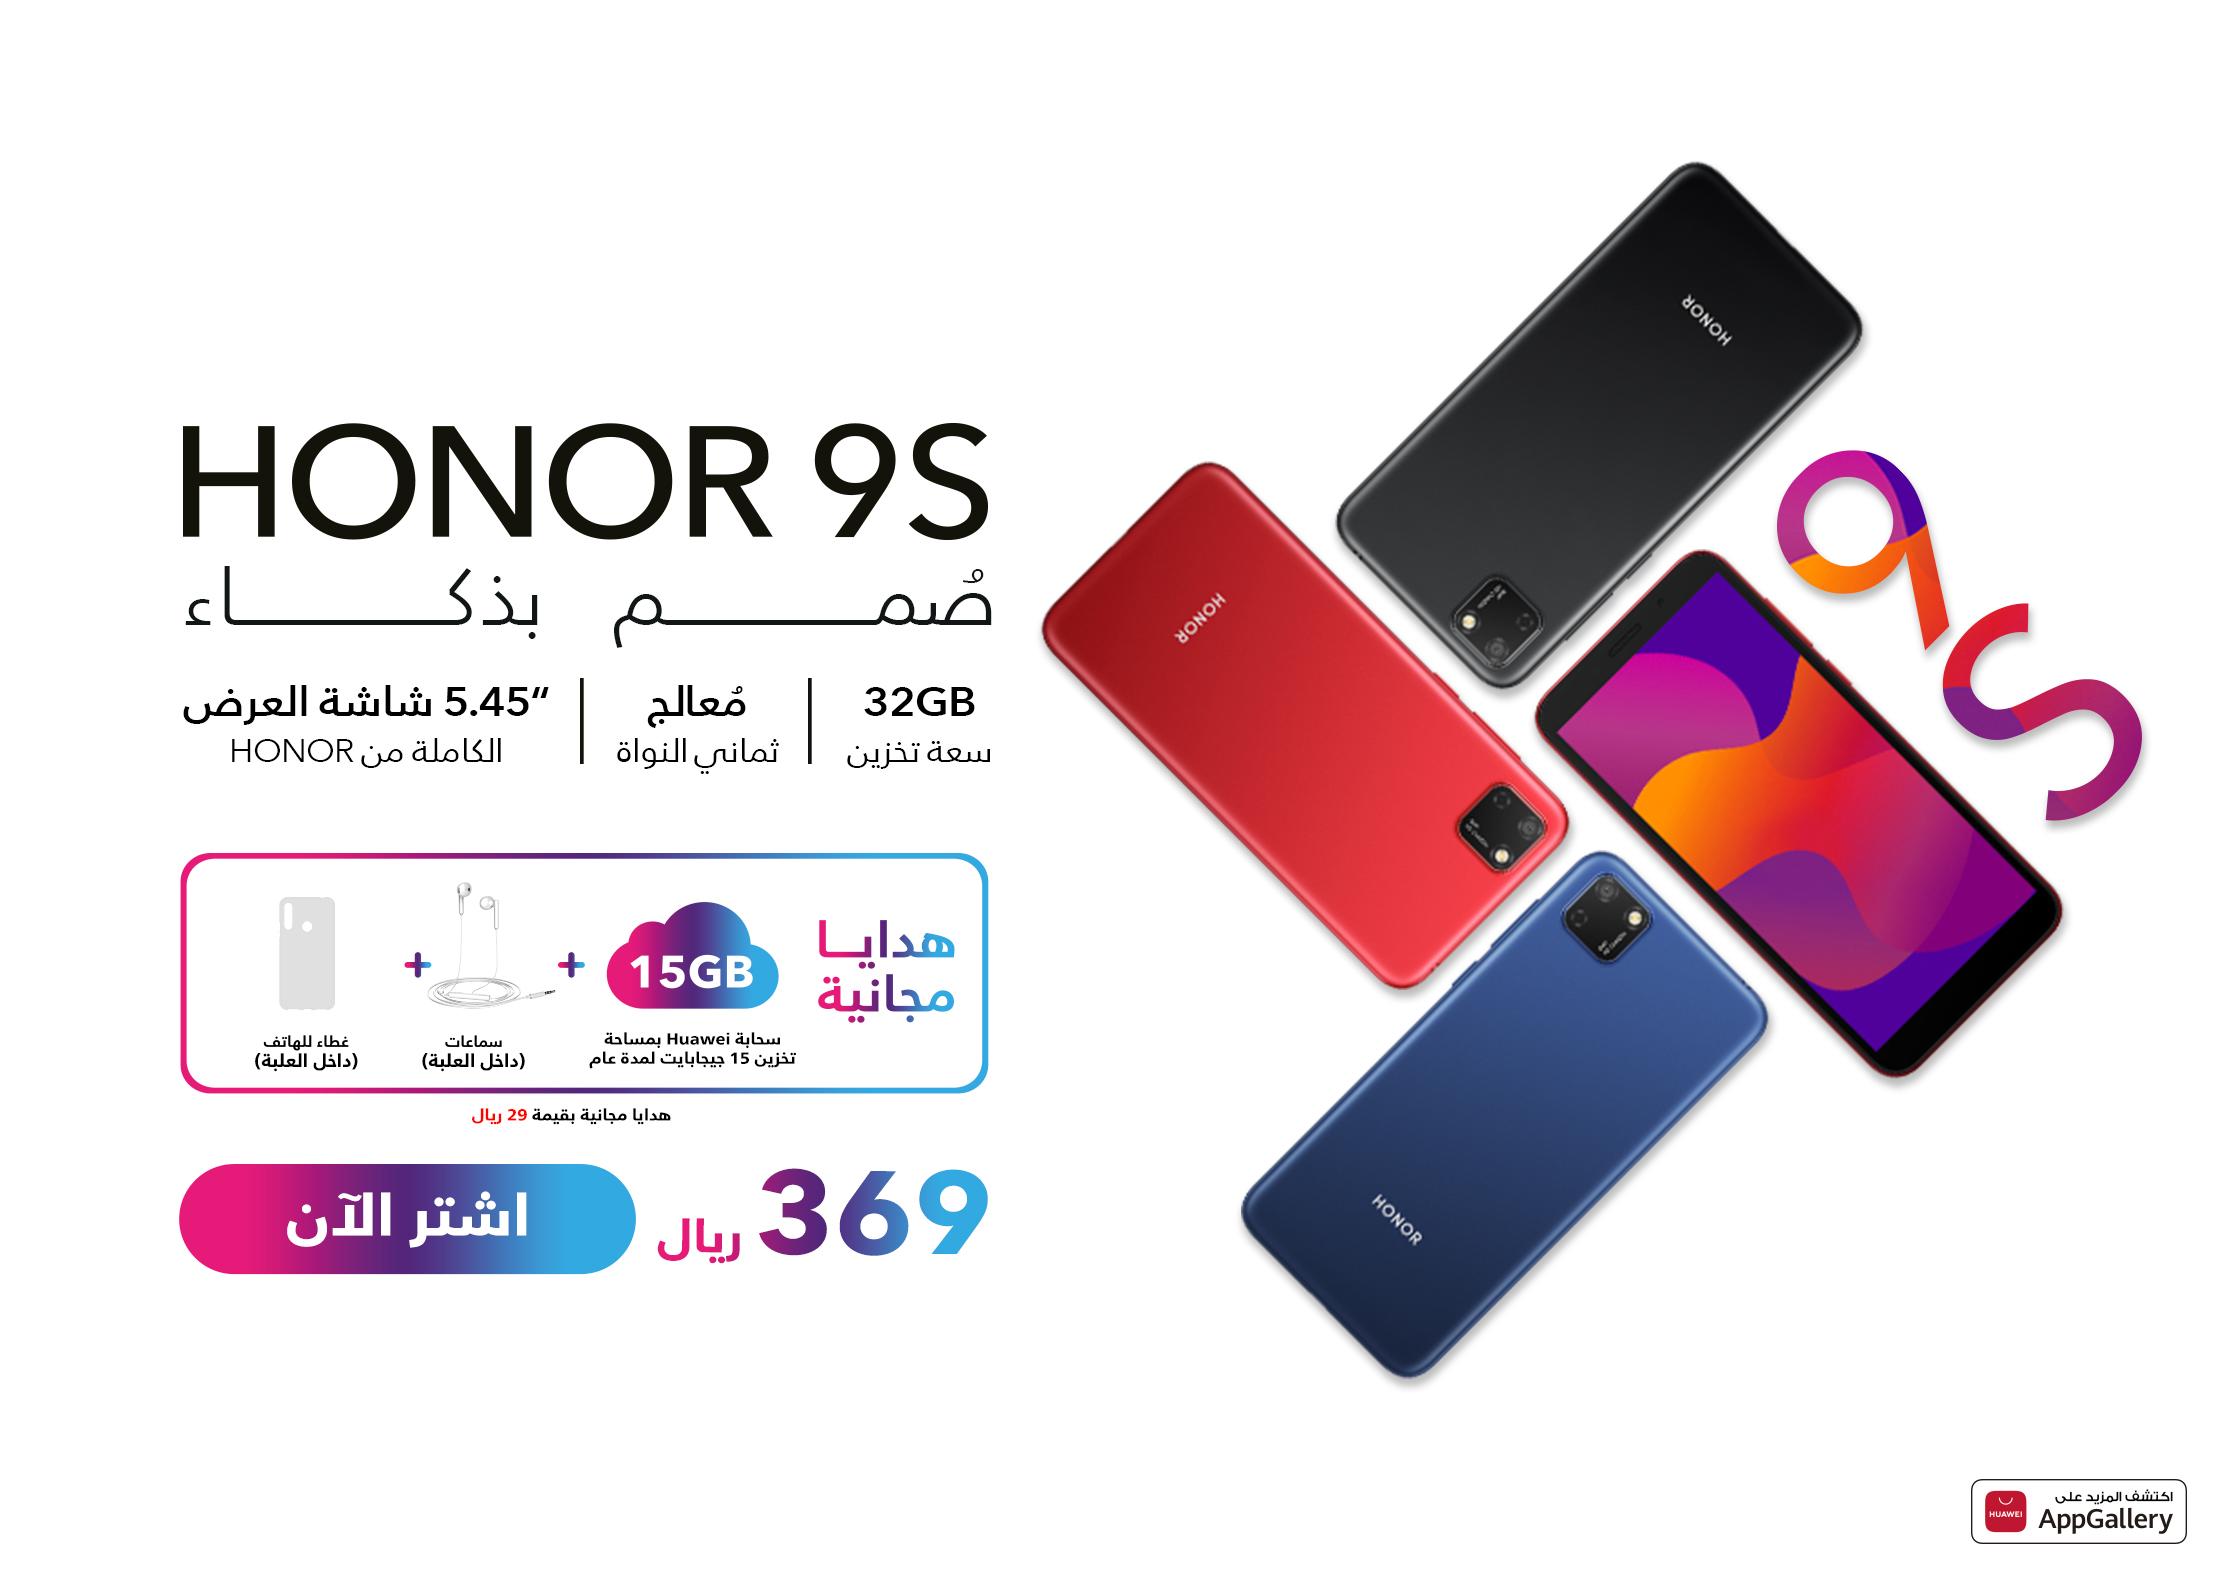 HONOR تطلق هاتف HONOR 9S الجديد في المملكة العربية السعودية